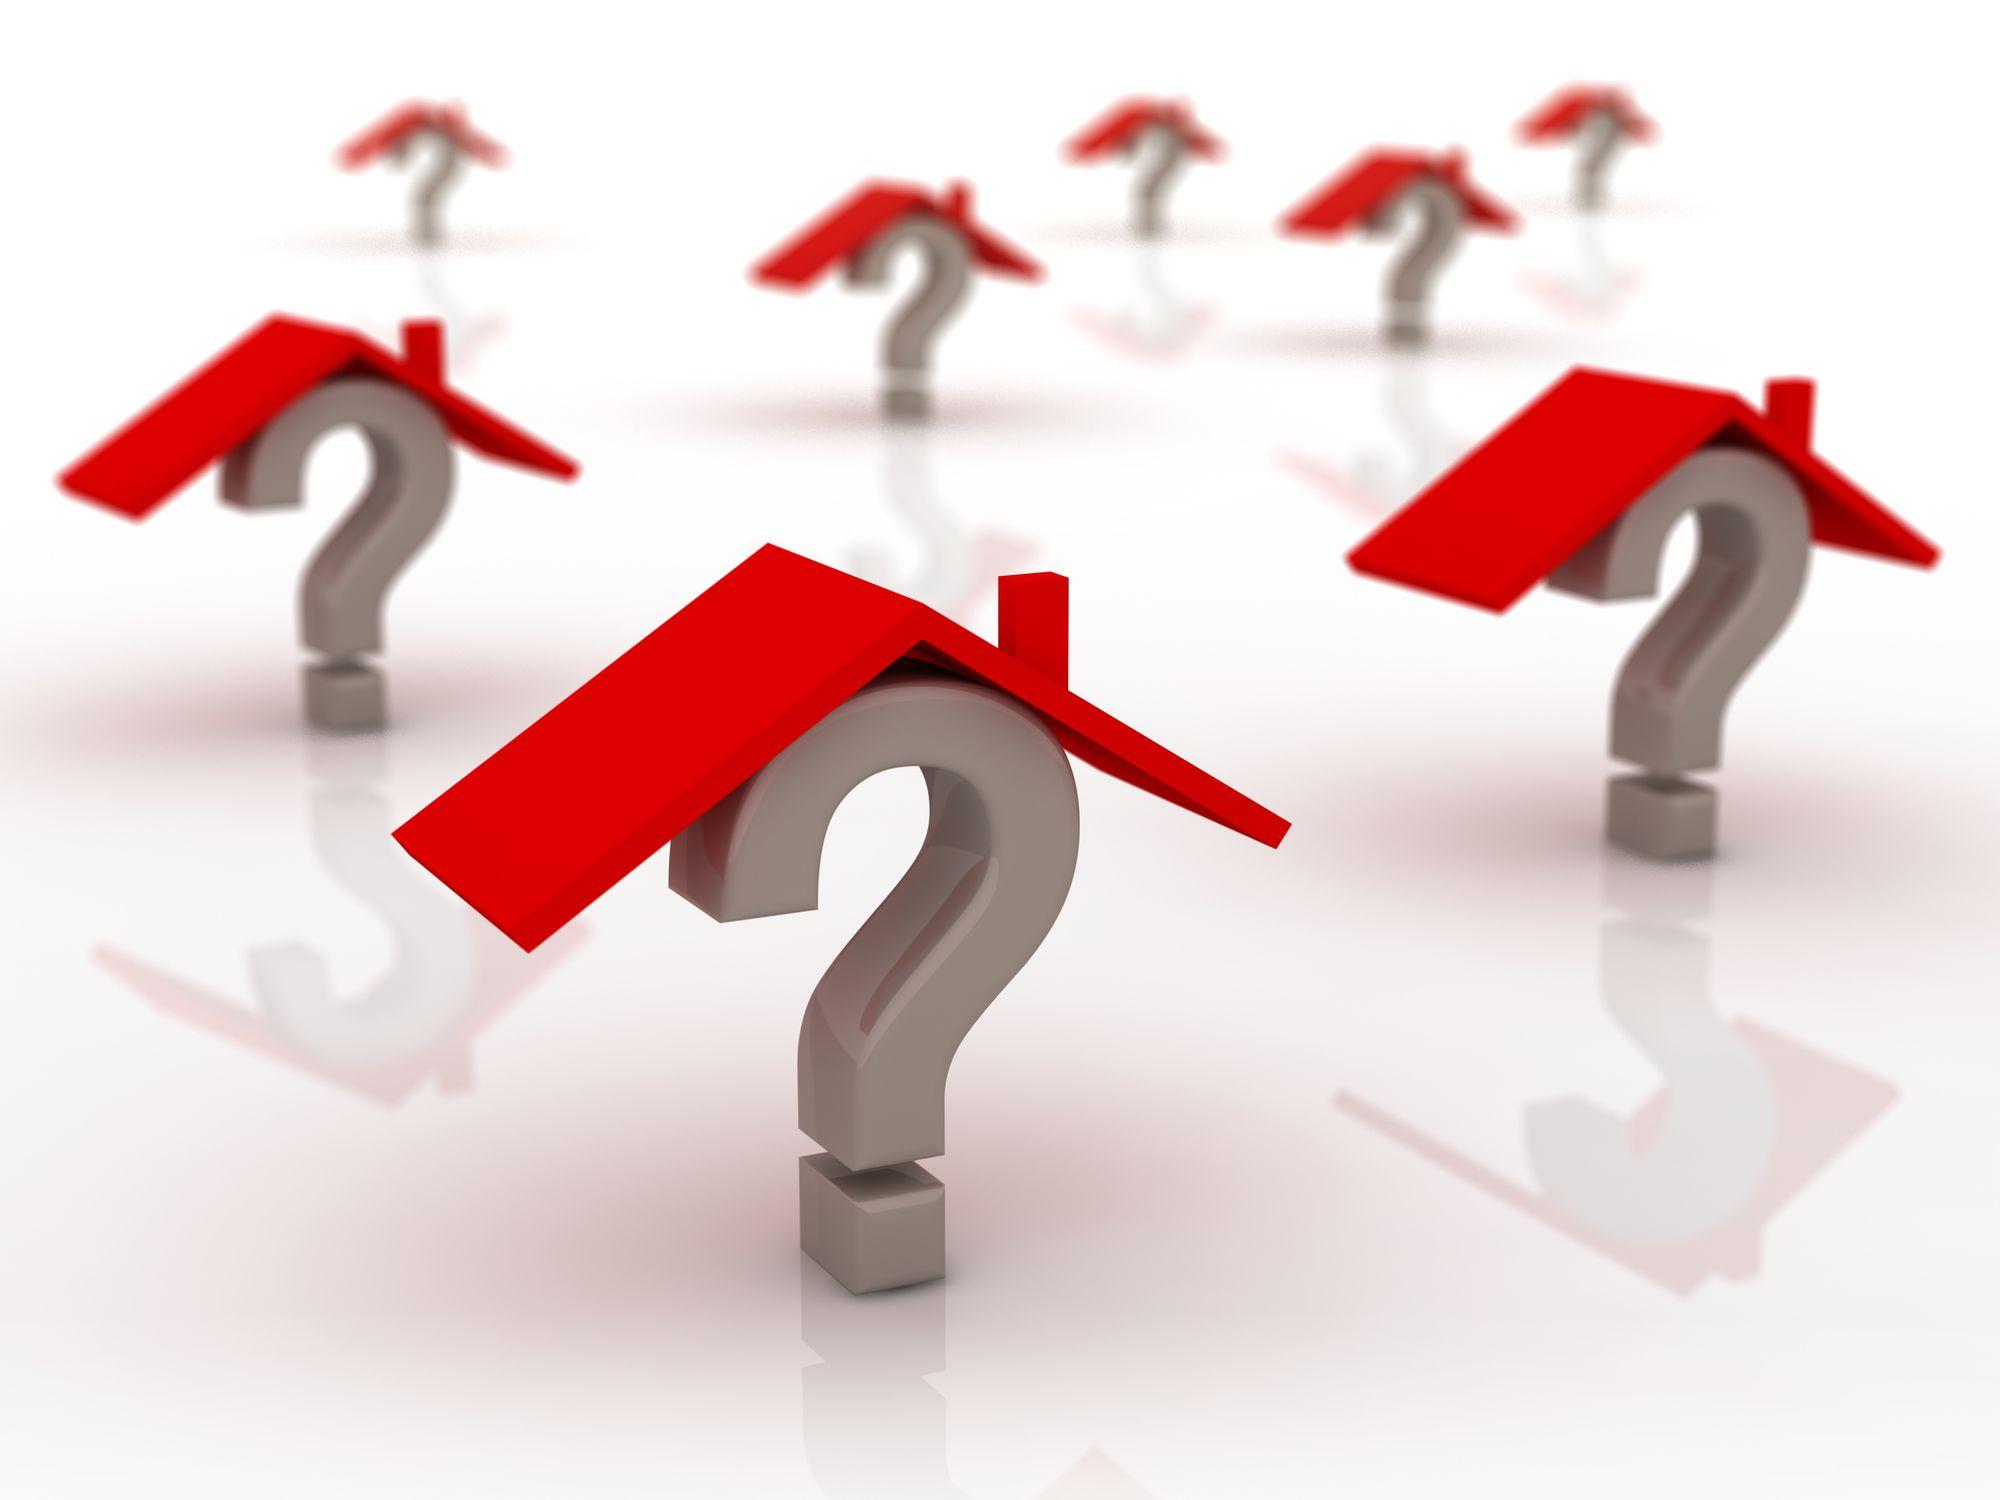 Thi công biệt thự cao cấp ở TP. HCM và các tỉnh thành lân cận công ty nào làm tốt?